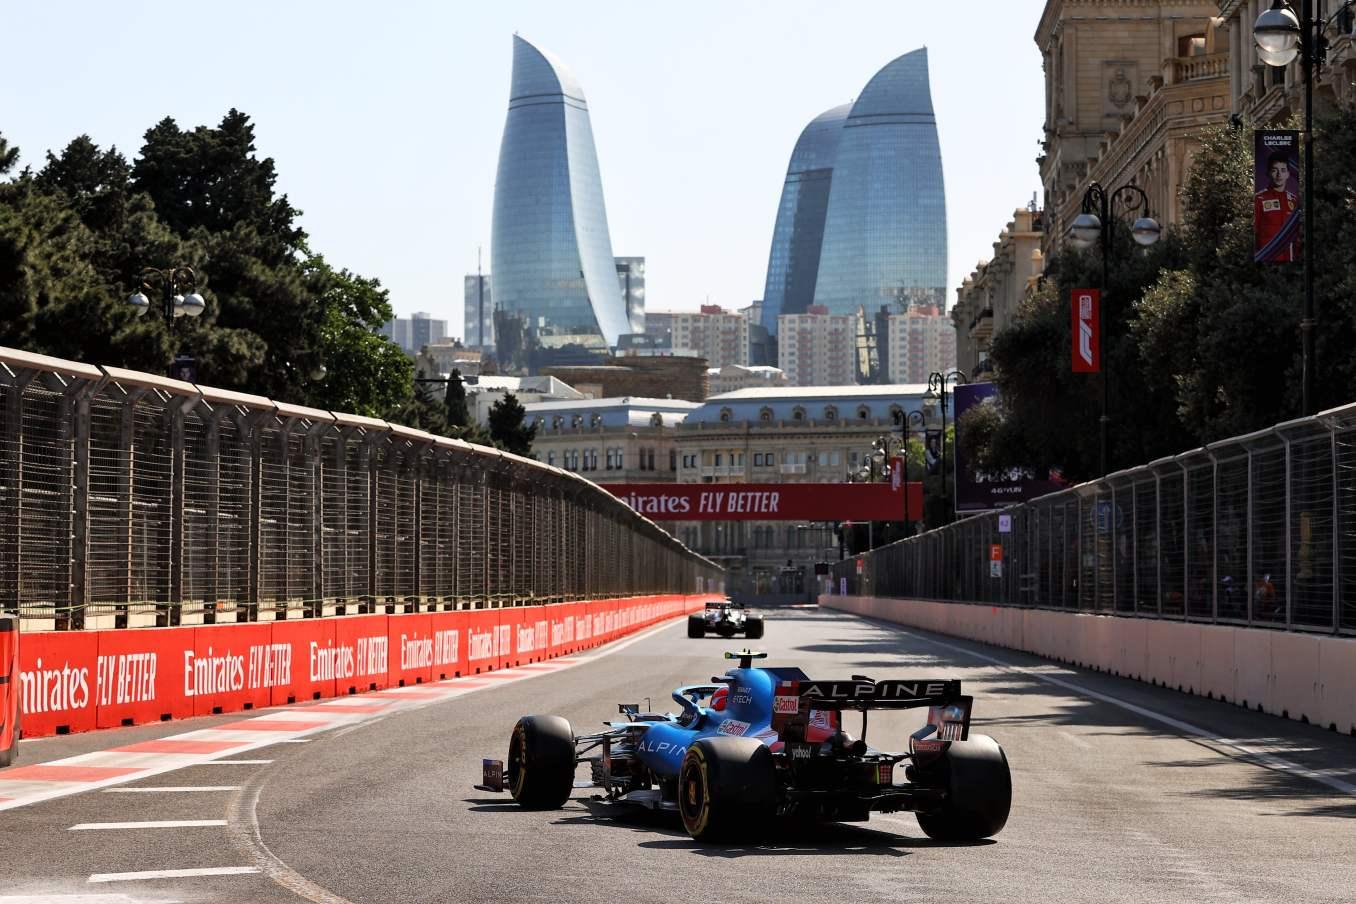 Alpine F1 Azebaijan Grand Prix Baku Alonso Ocon 2021 32 | Alonso offre huit précieux points à Alpine F1 Team sur l'épreuve de Bakou